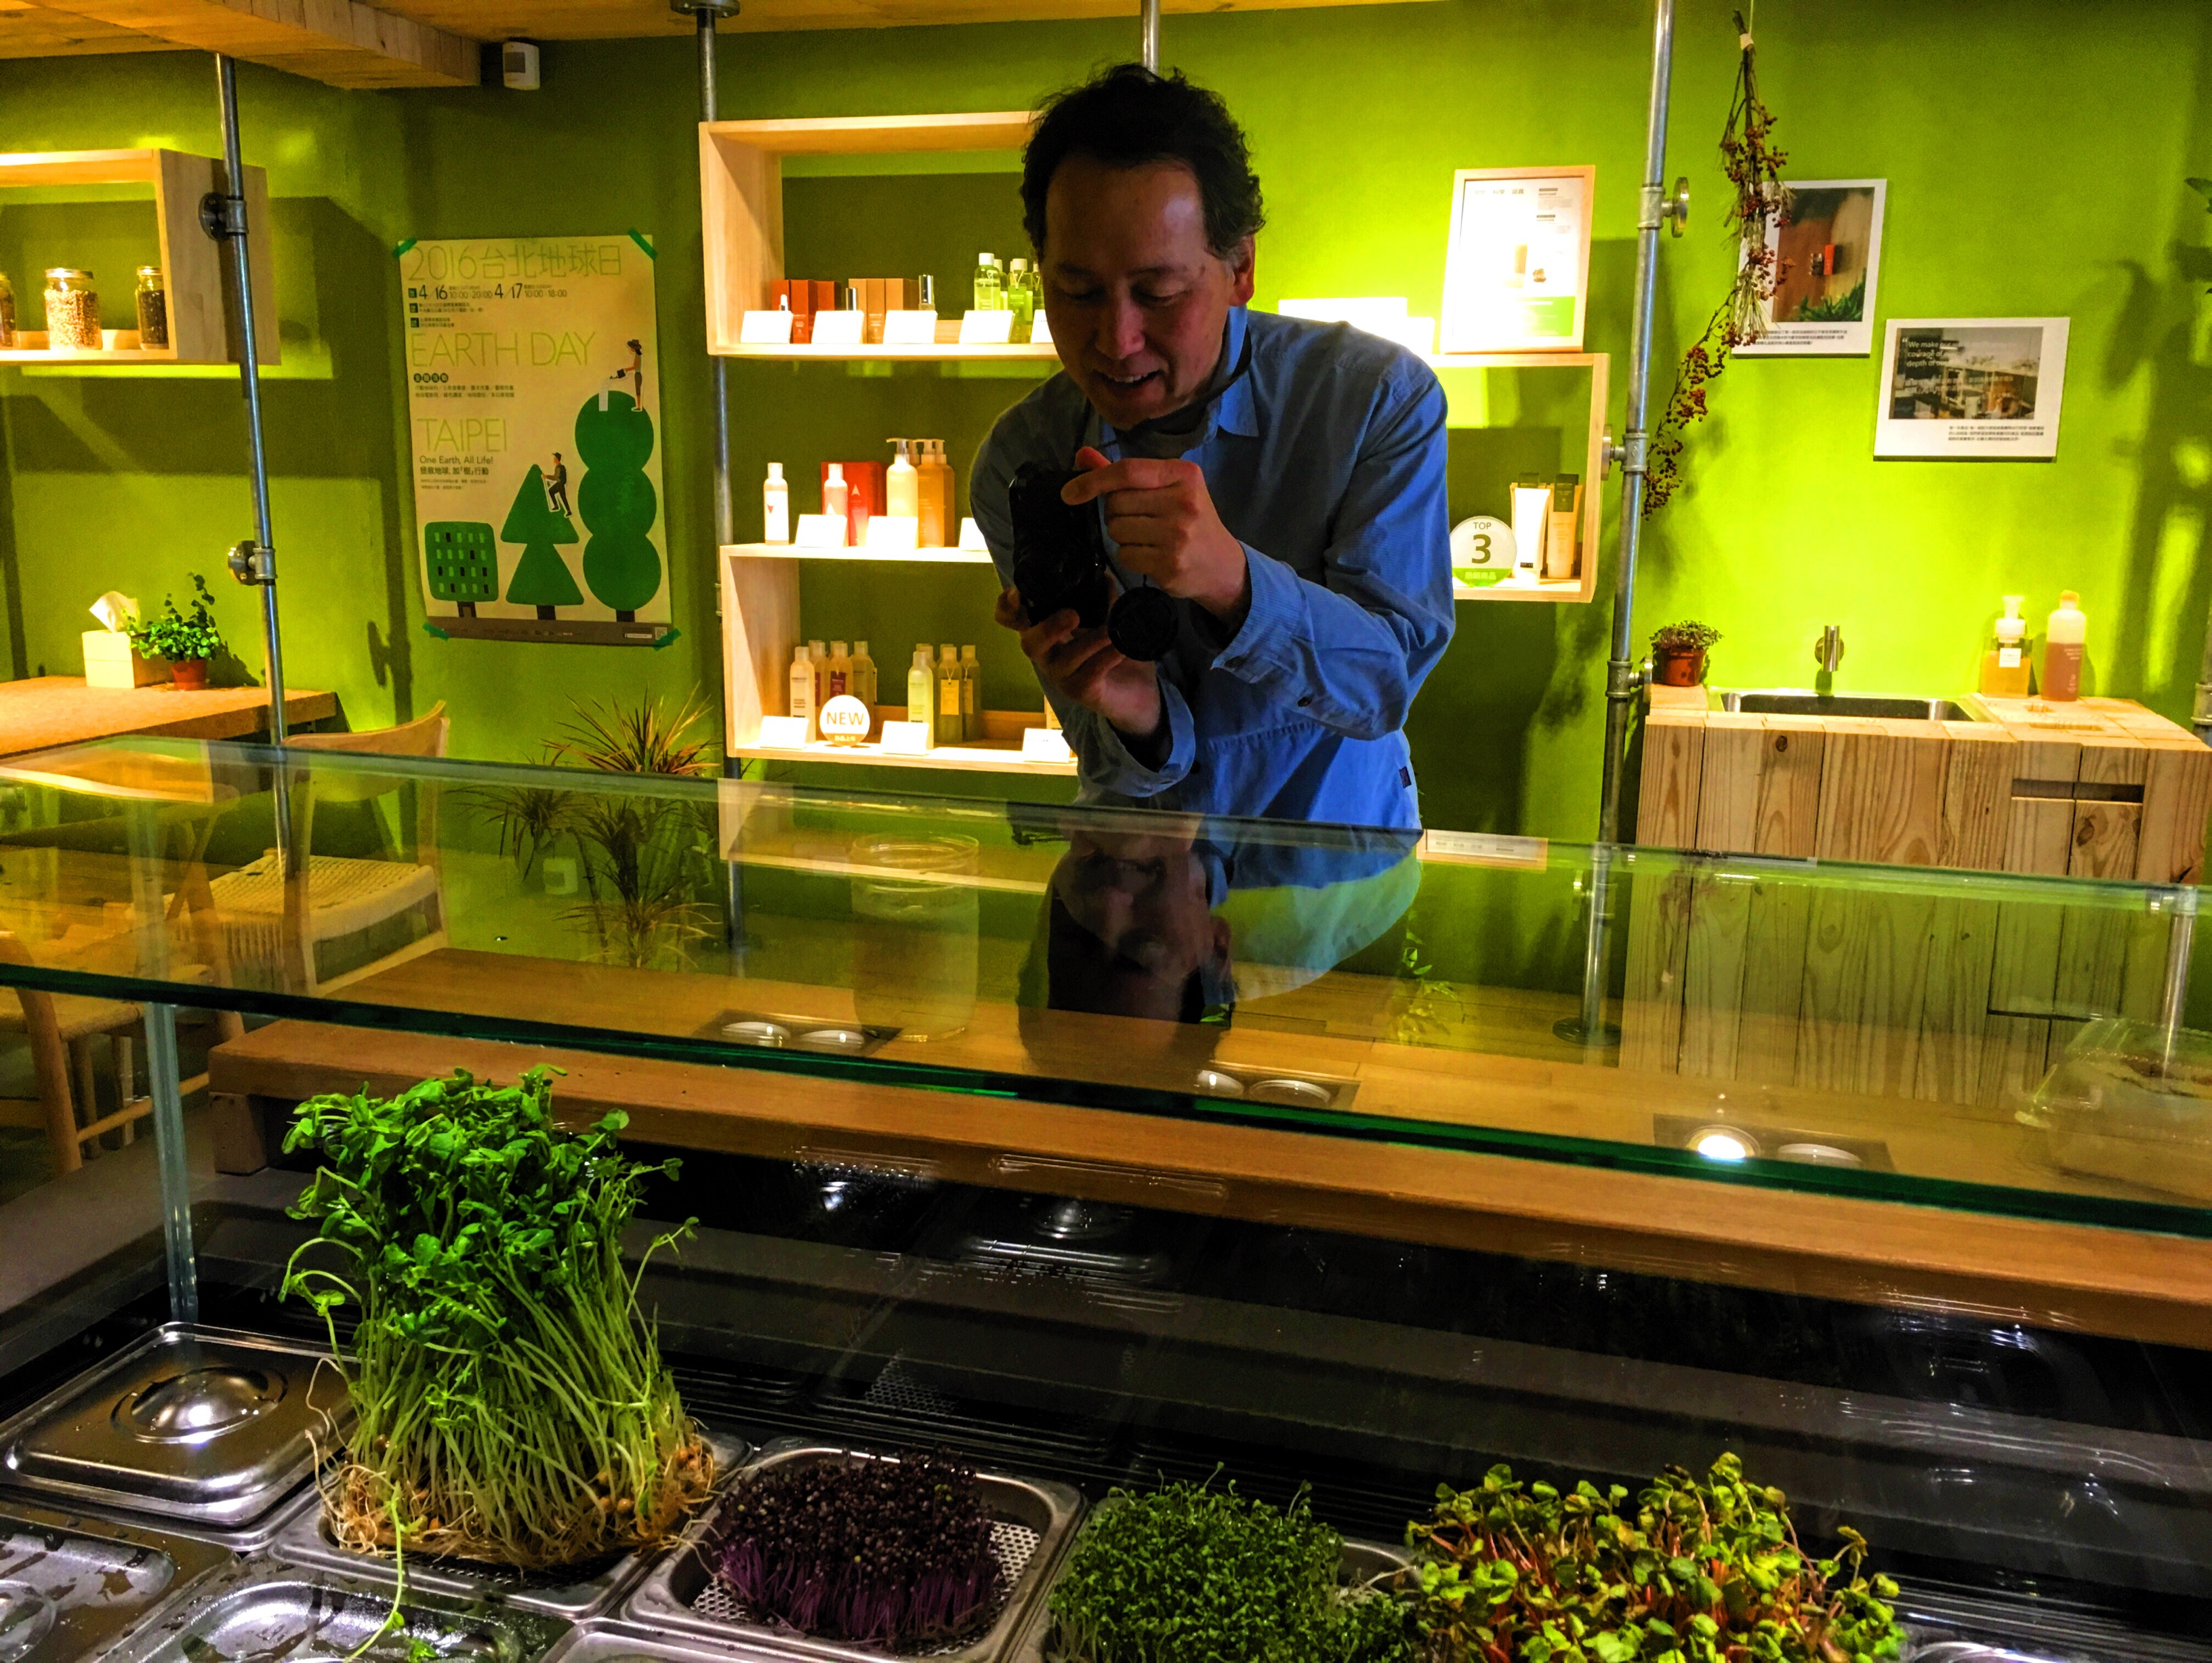 篠健司 (Kenji Shino) 先生看到發芽吧中的精力湯吧台,興奮的拍下直挺挺的芽菜。